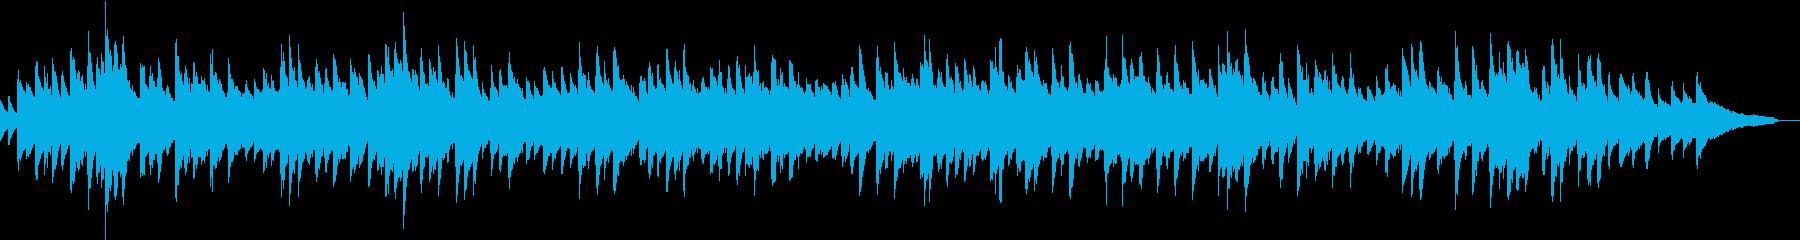 和風のピアノソロの再生済みの波形